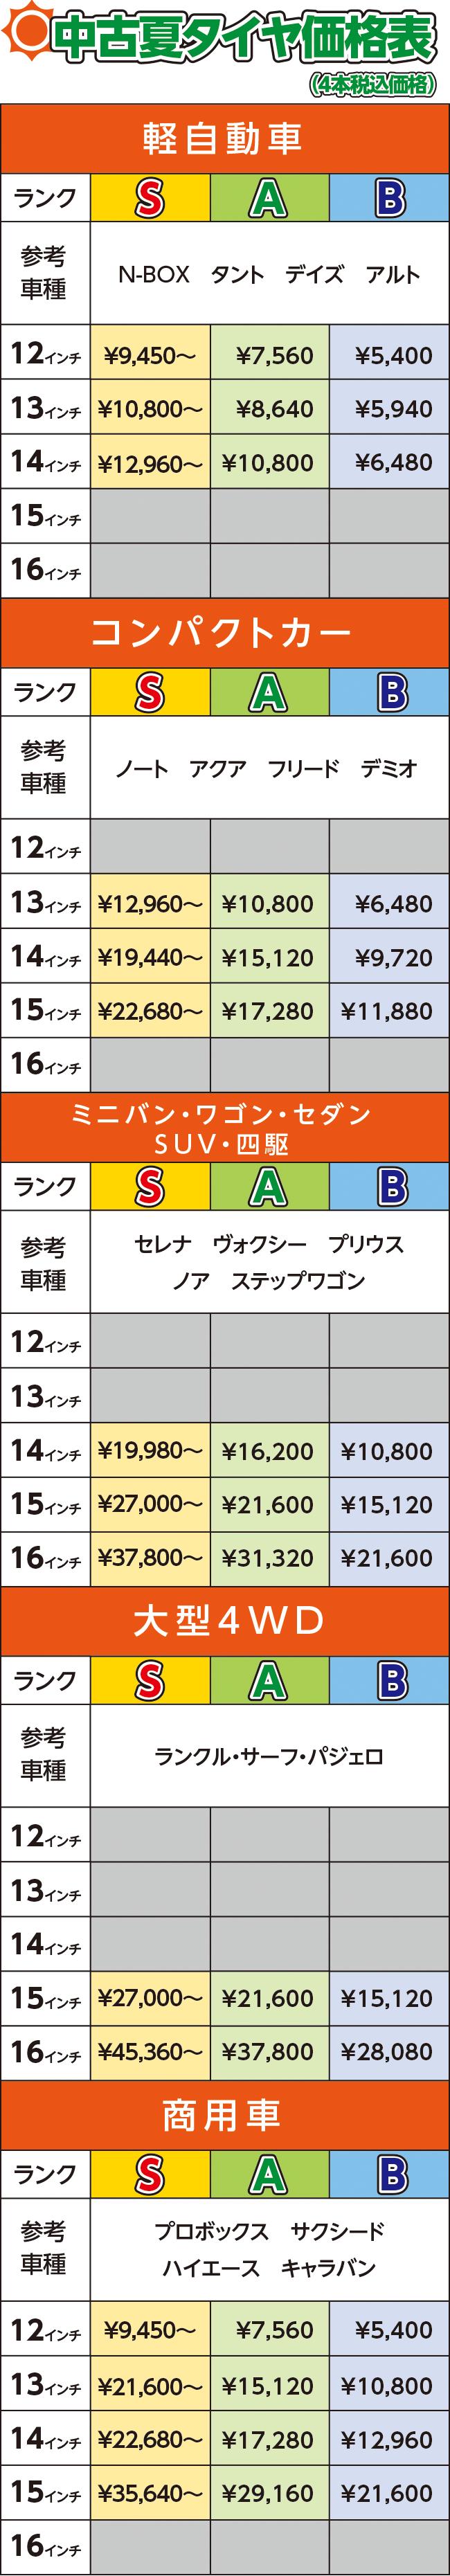 中古夏タイヤ価格表